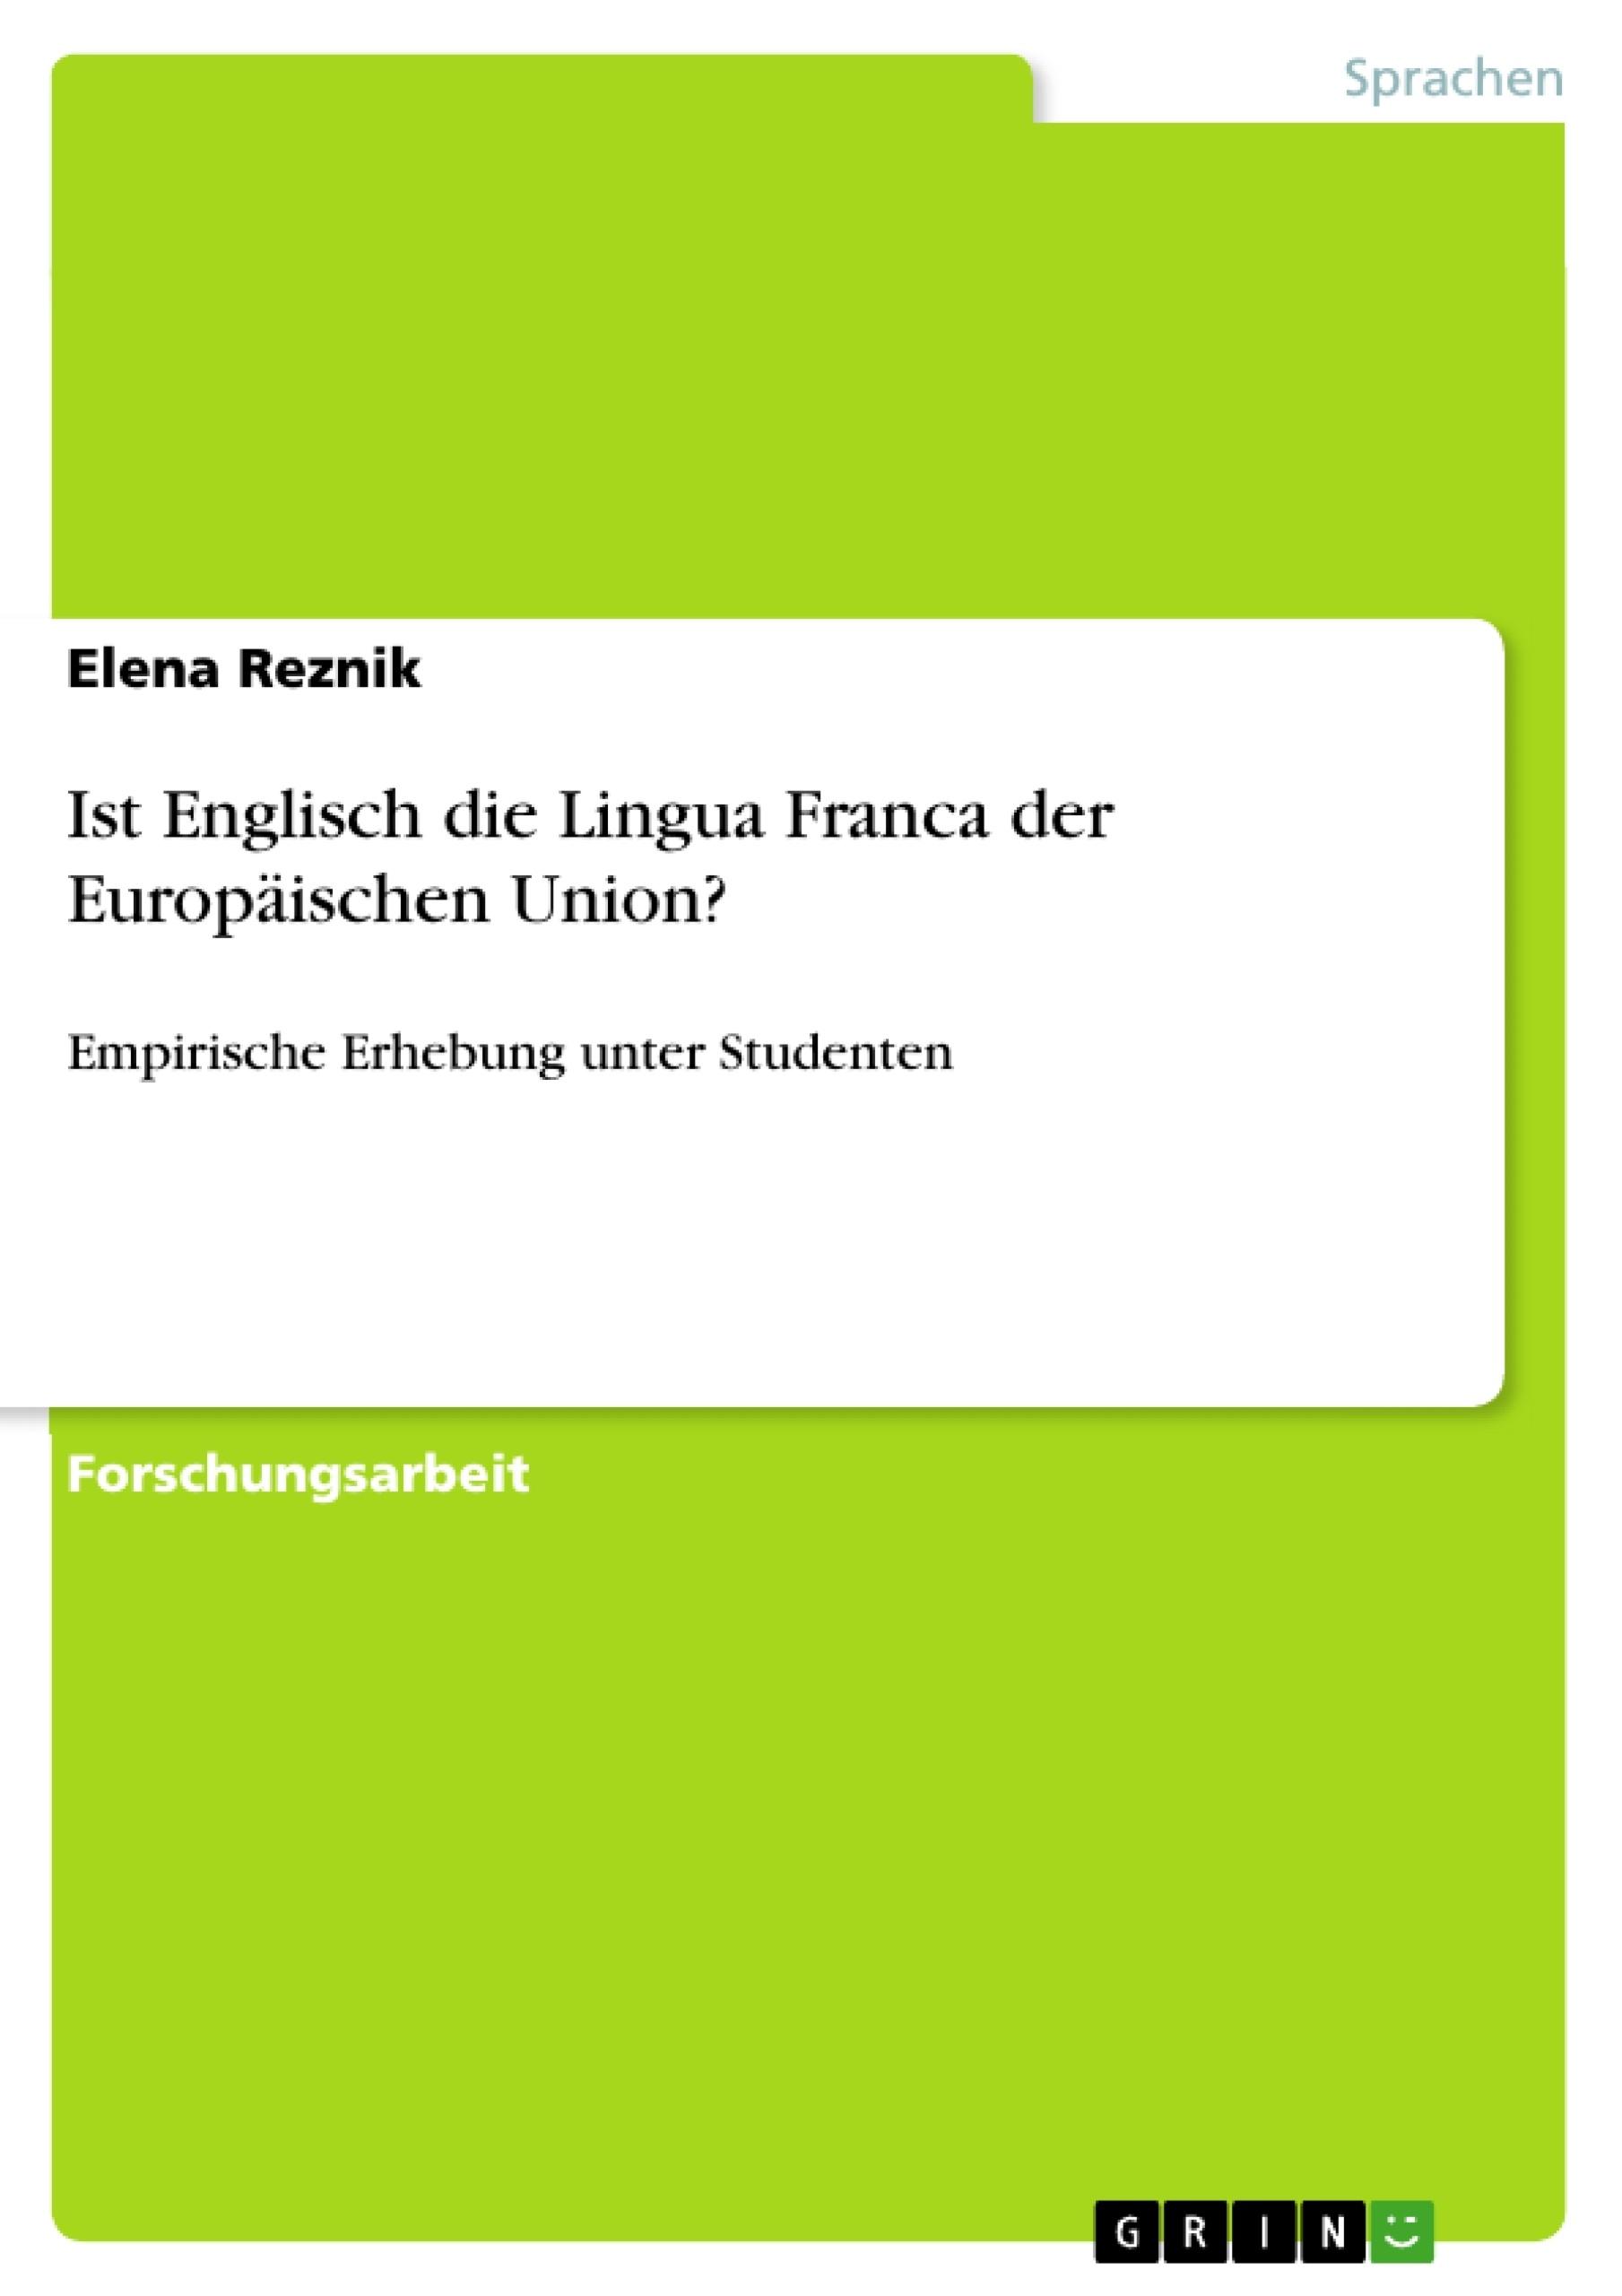 Titel: Ist Englisch die Lingua Franca der Europäischen Union?